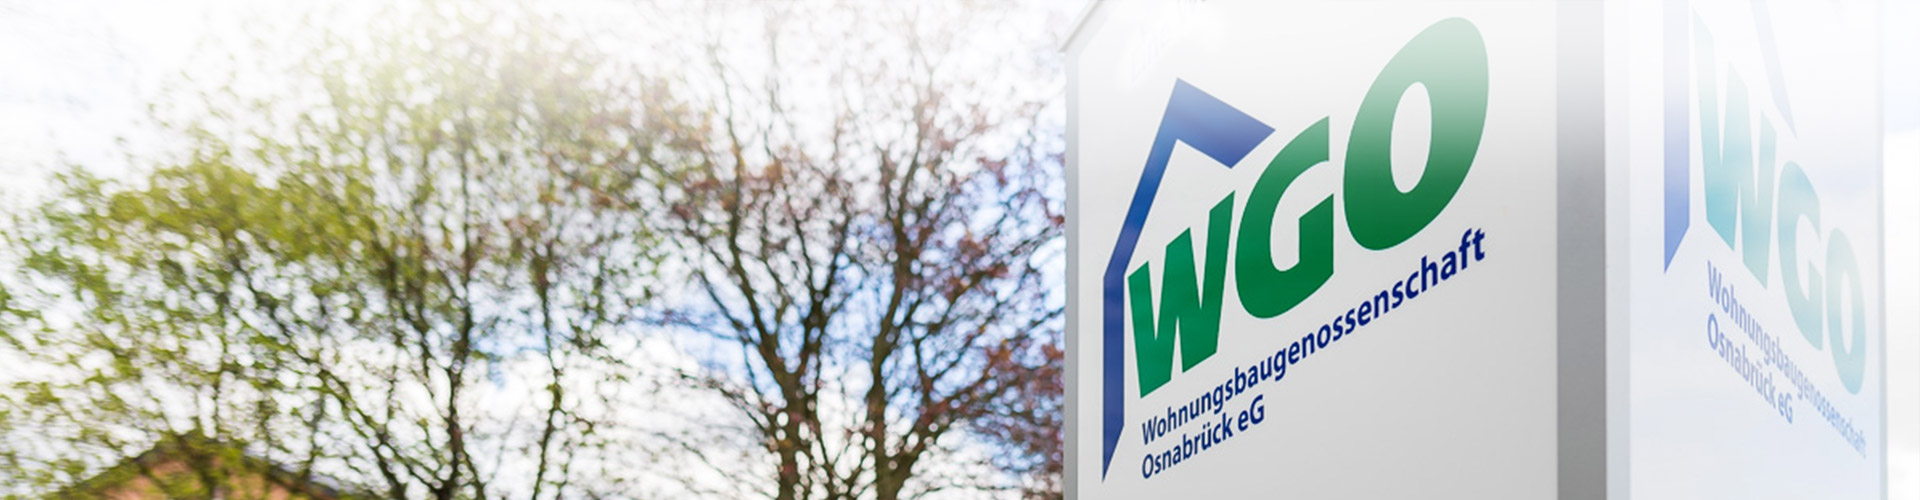 WGO_Osnabrück_Service